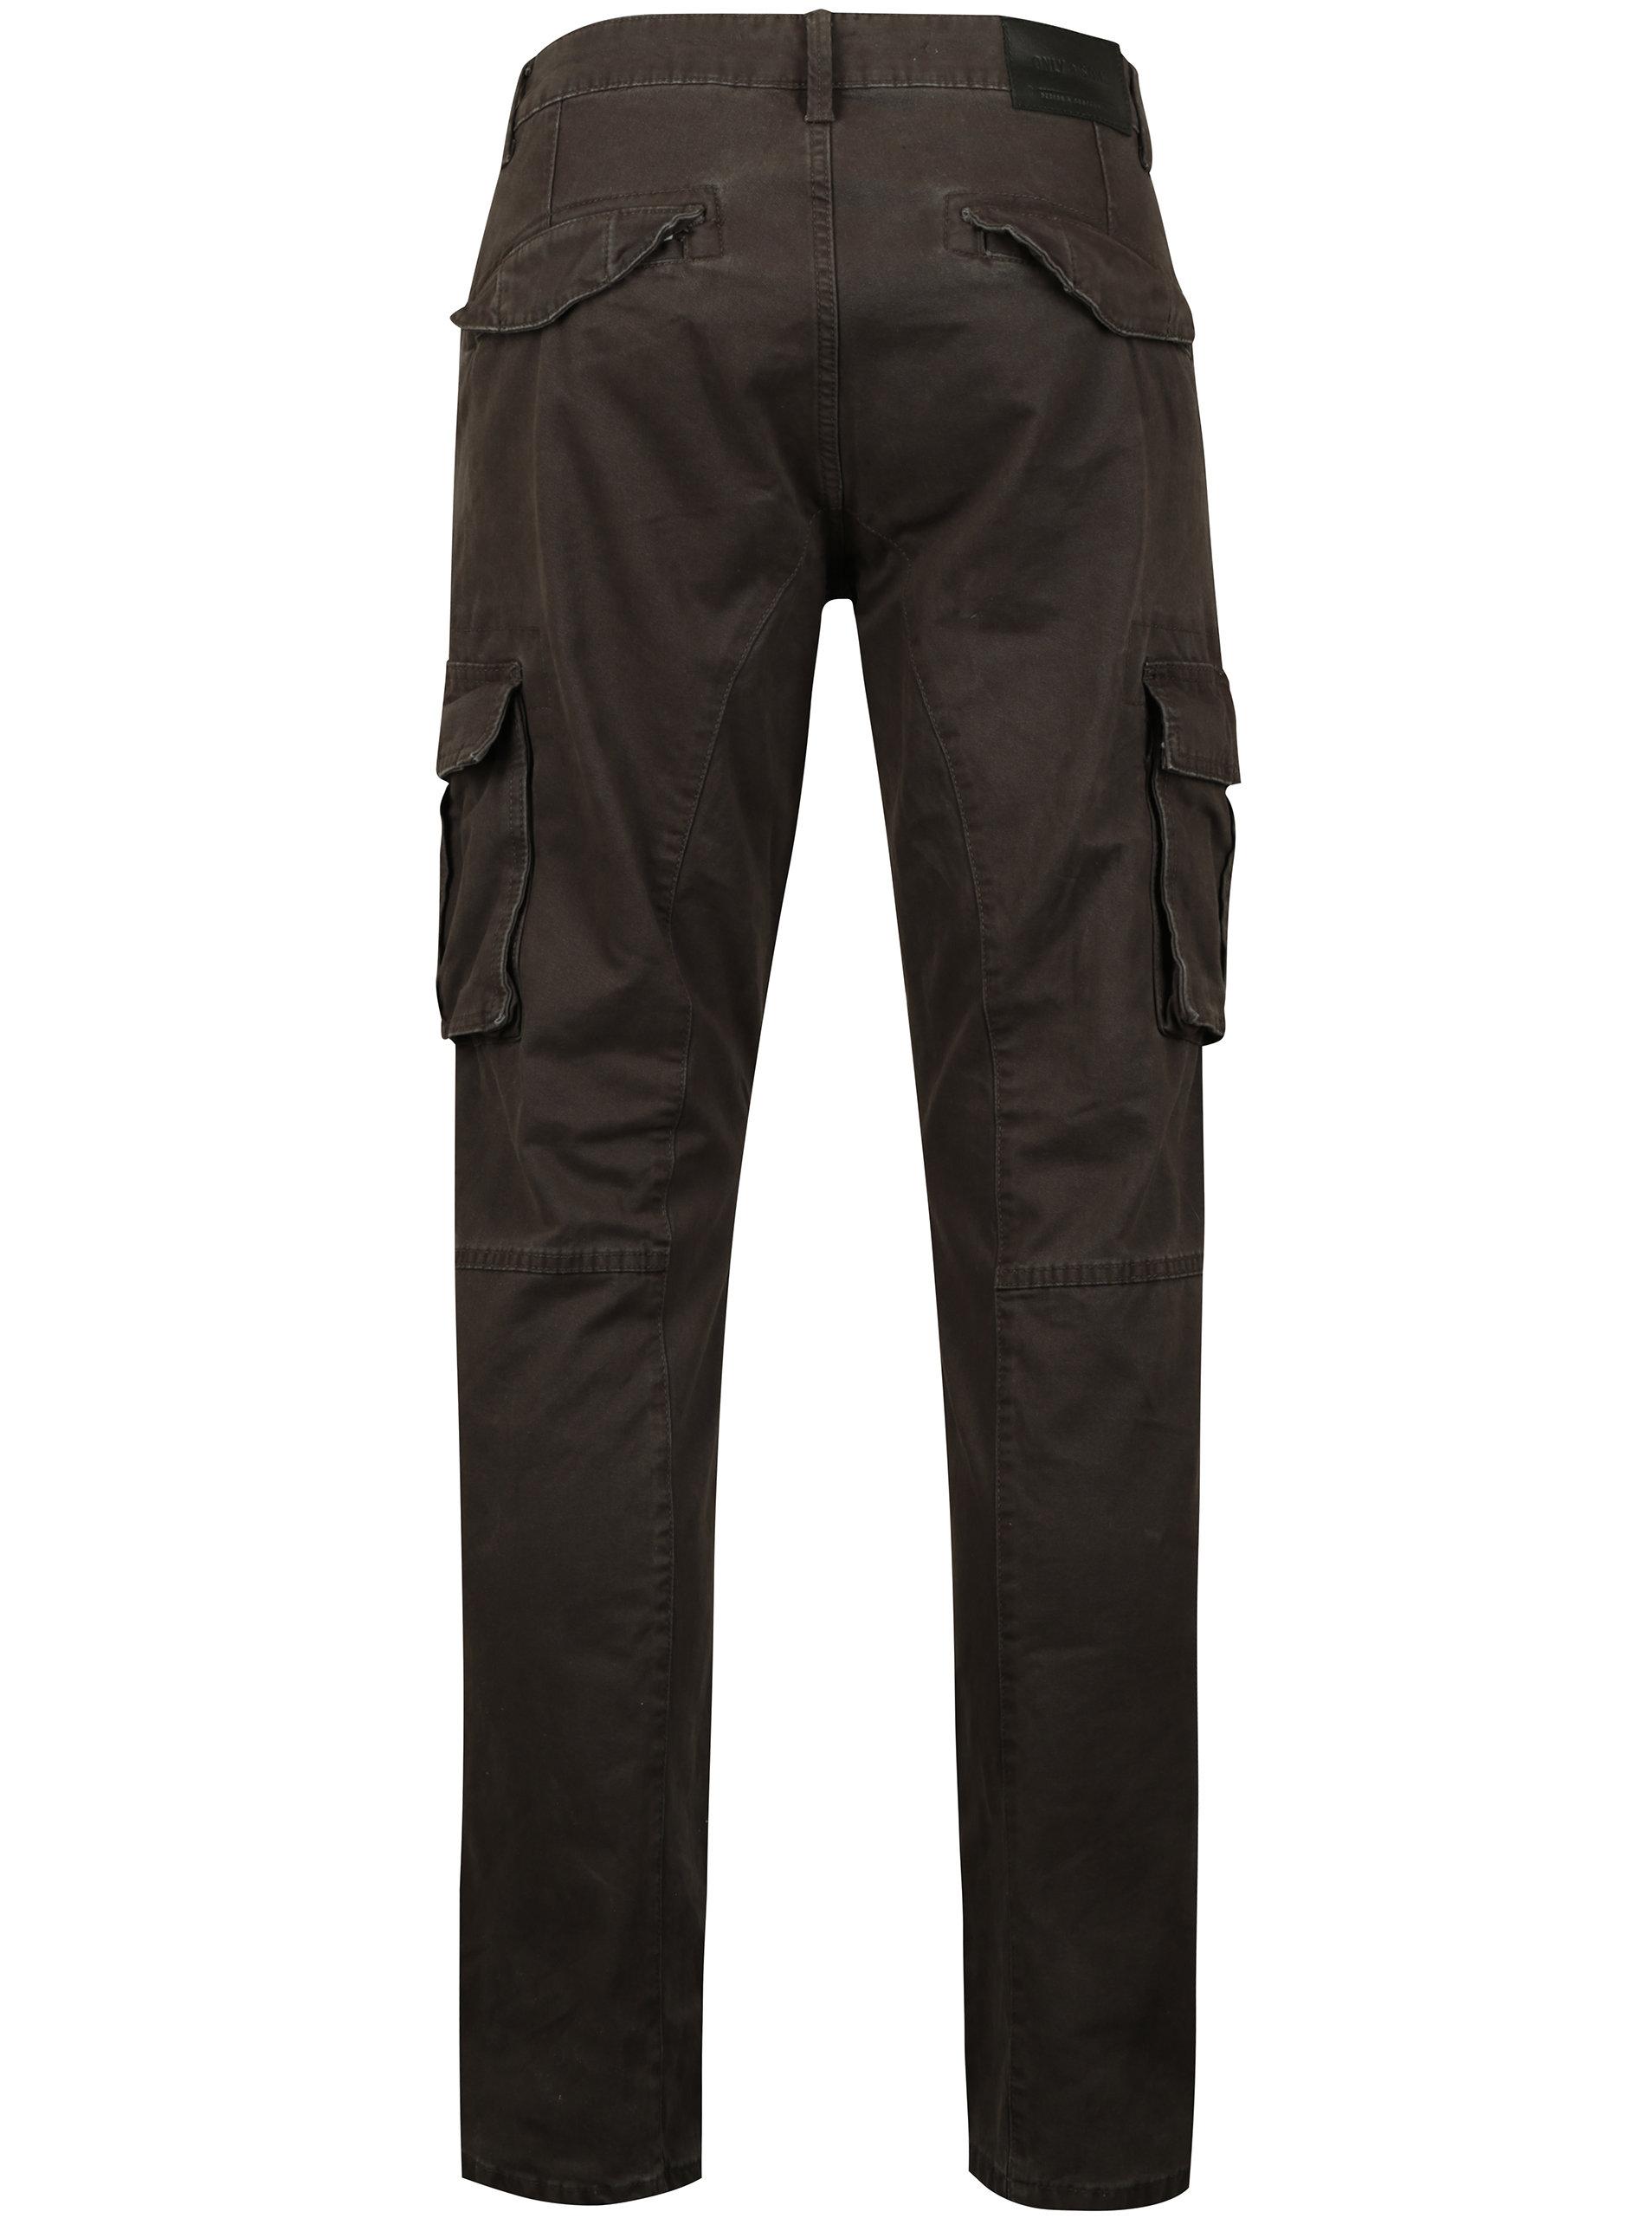 Tmavě šedé kalhoty s kapsami ONLY   SONS Kornelius ... 0a58a7a8f5